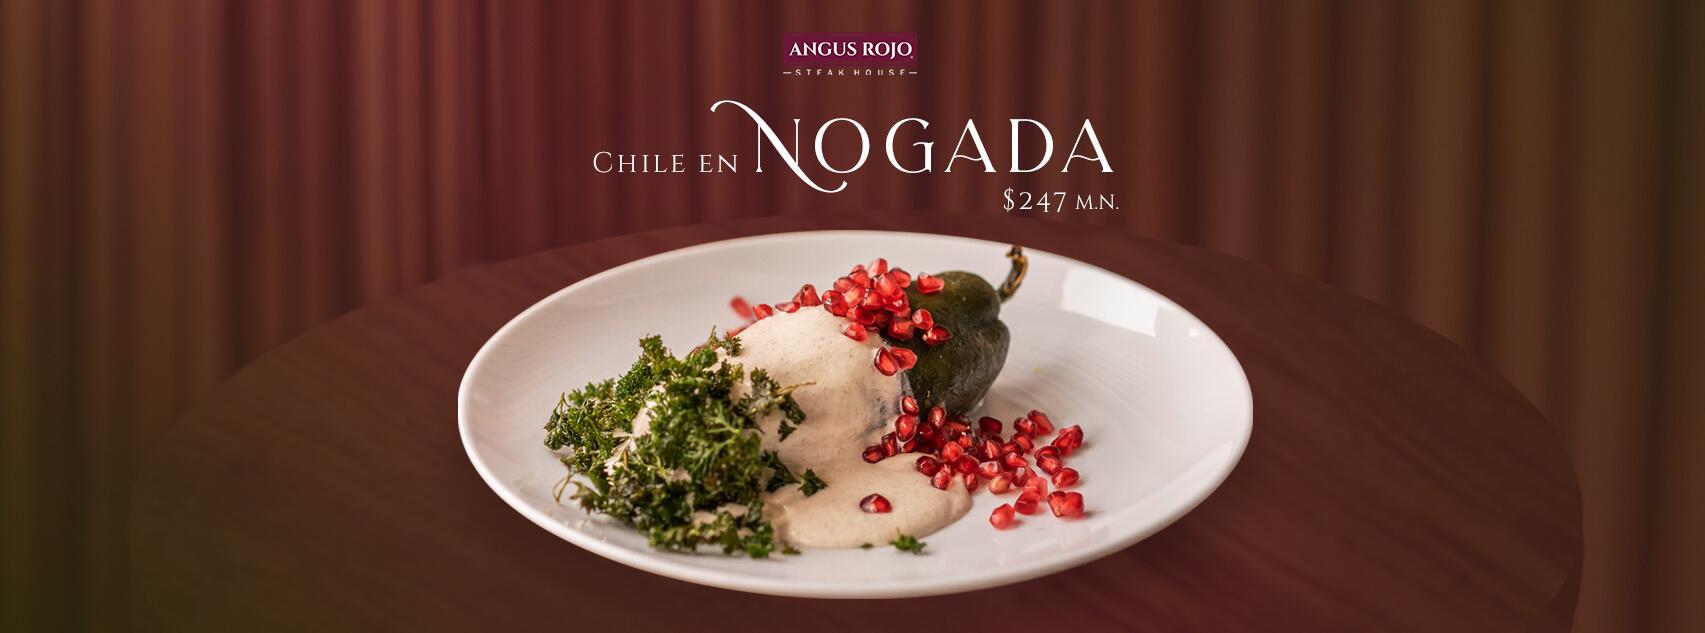 chile_nogada